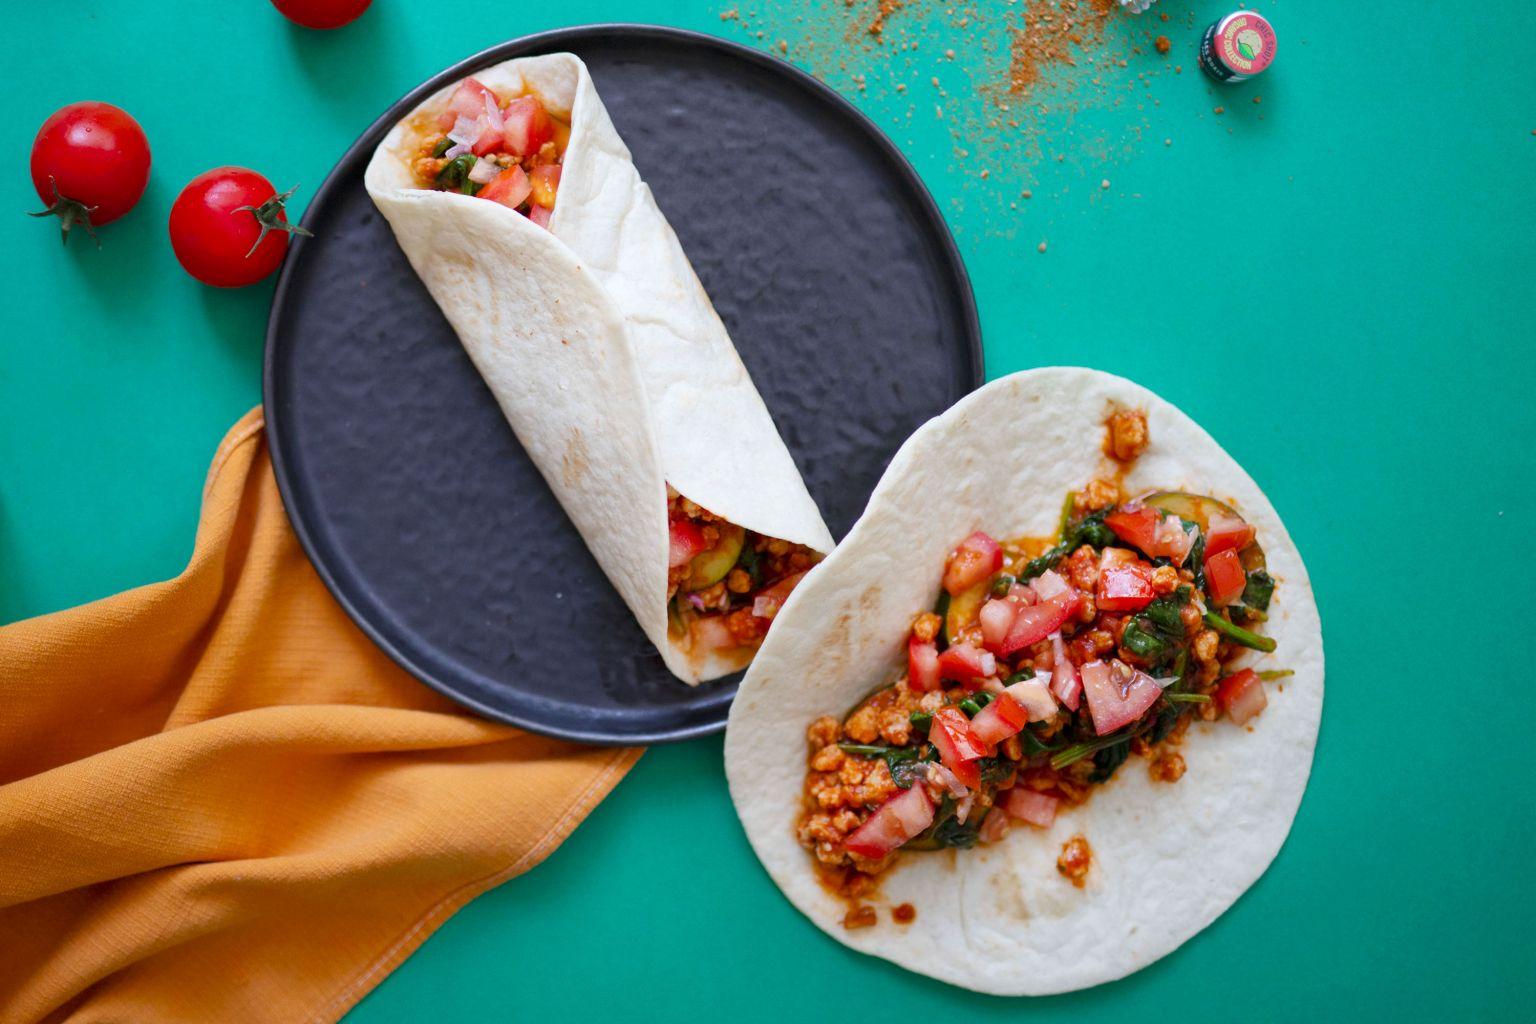 Tacos végétaux à la mexicaine